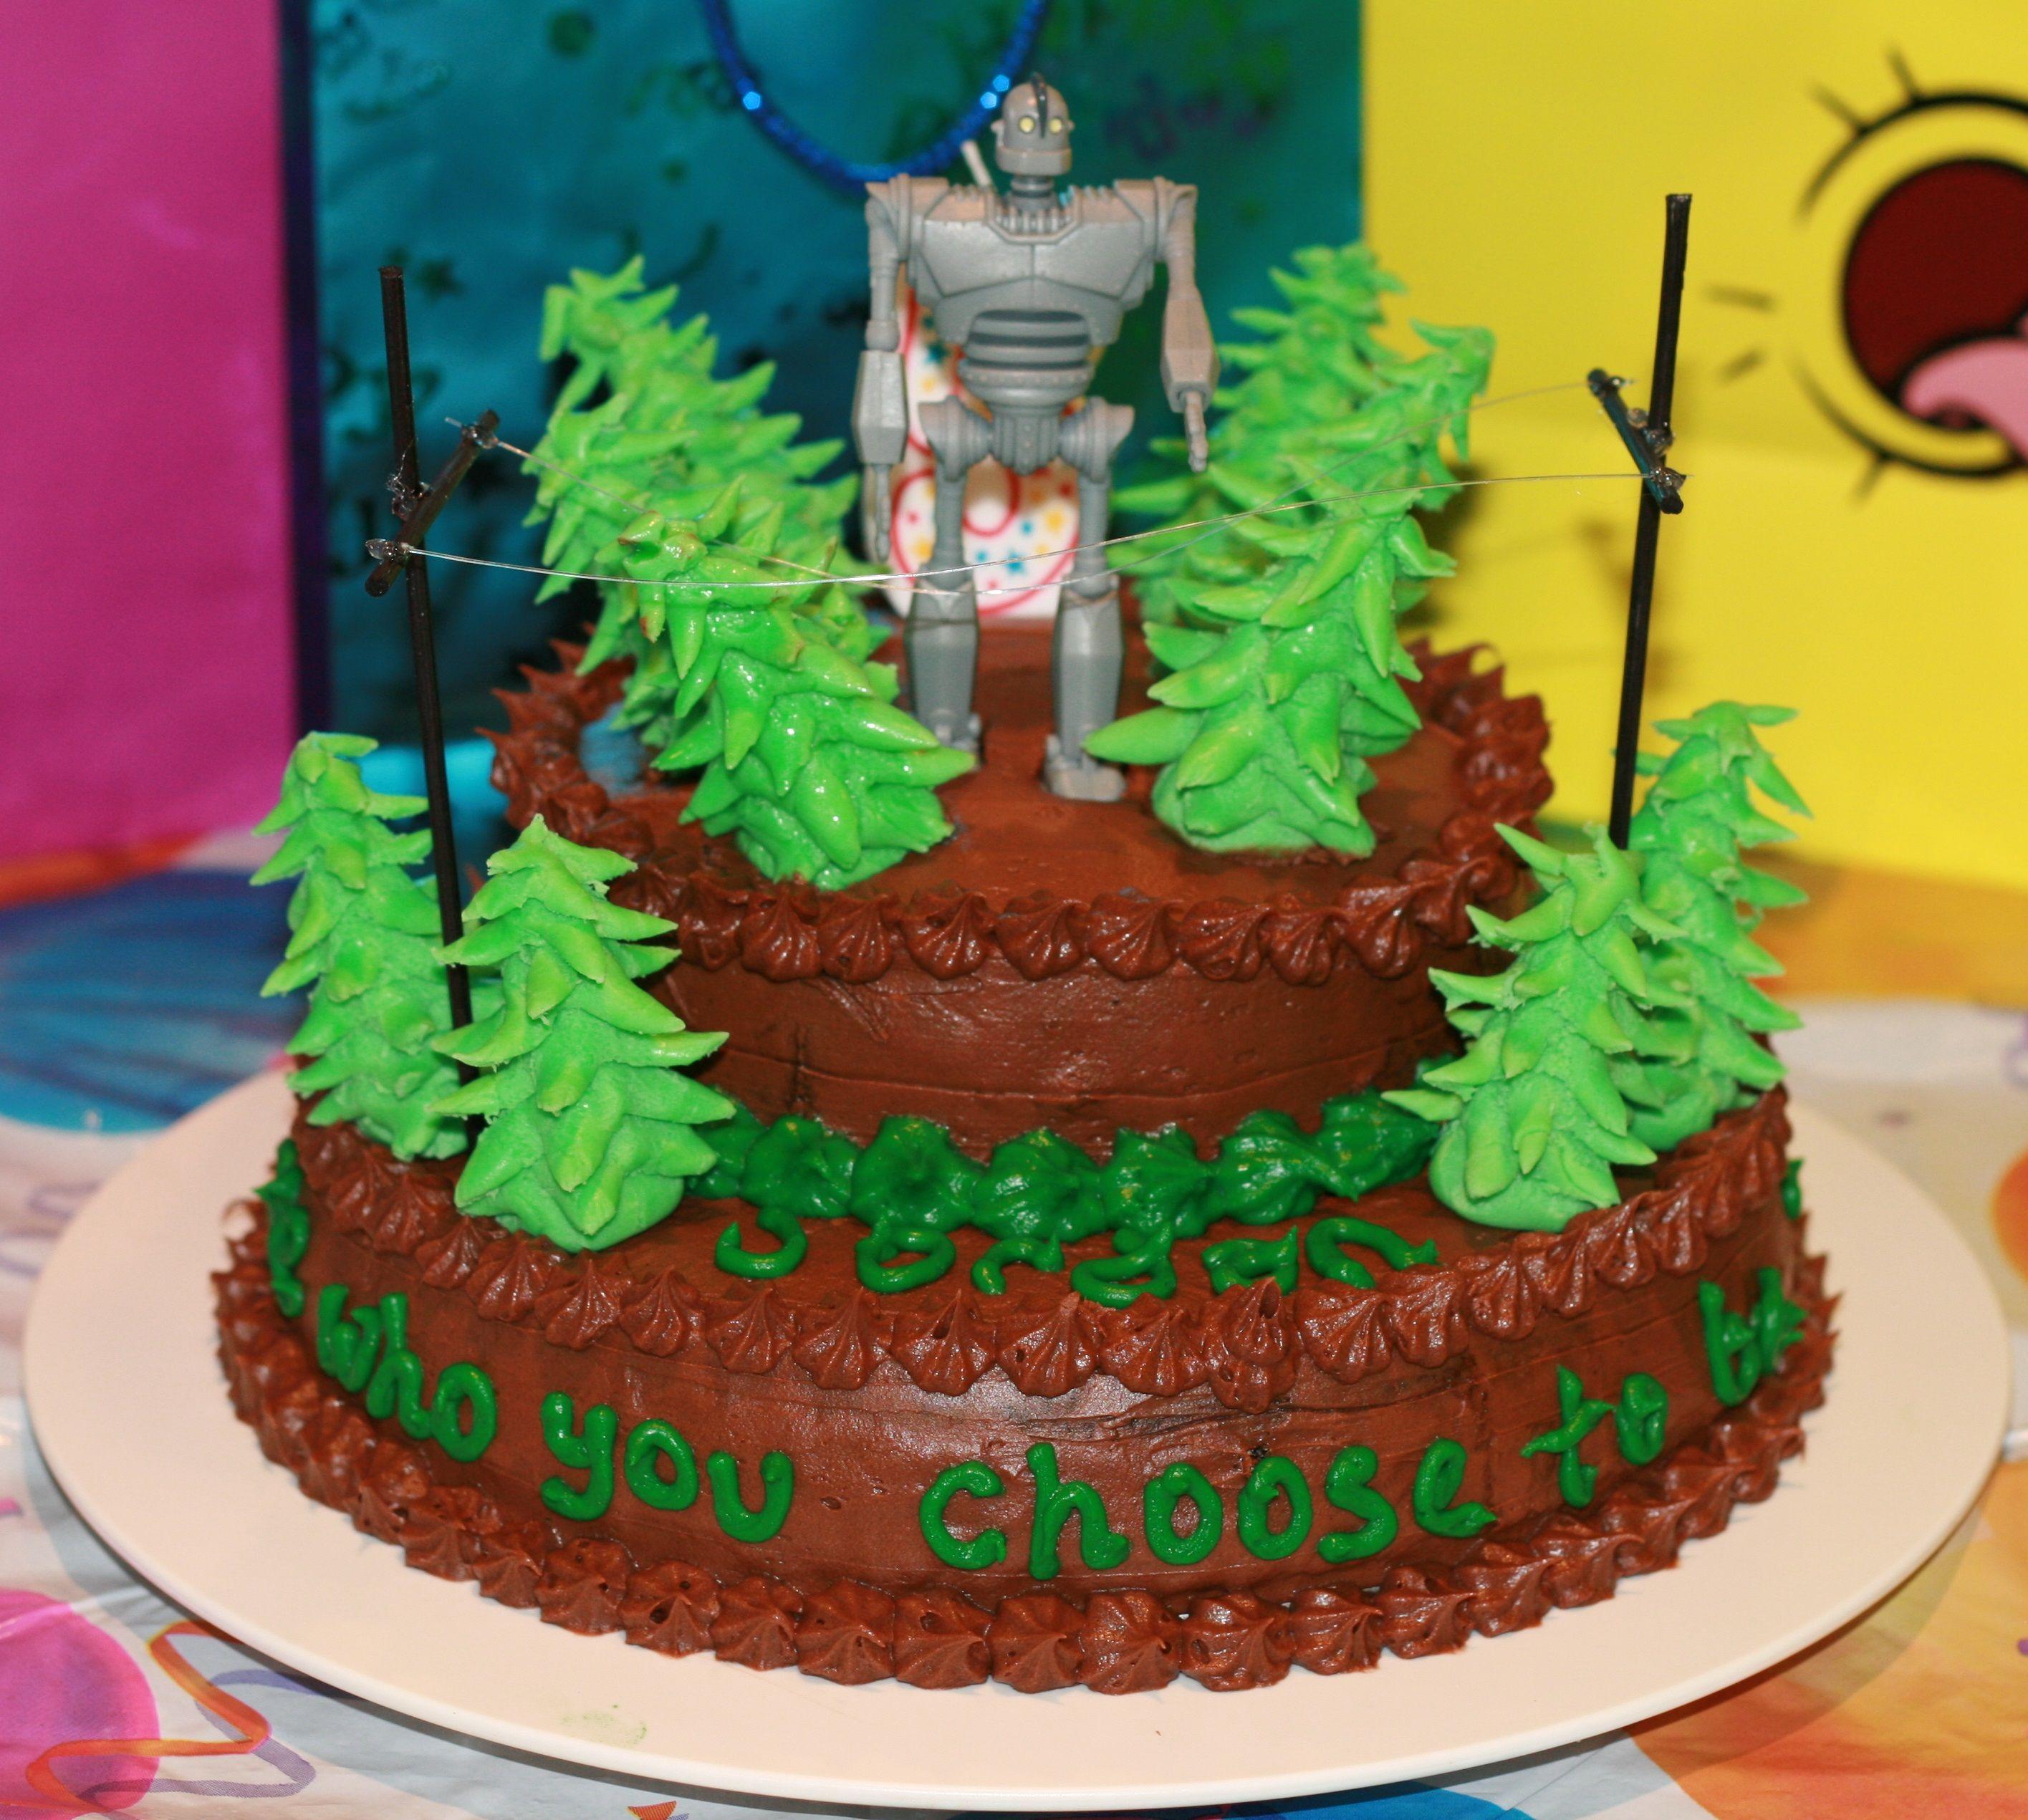 Terrific Iron Giant Cake Giant Cake Third Birthday Party Birthday Parties Funny Birthday Cards Online Alyptdamsfinfo